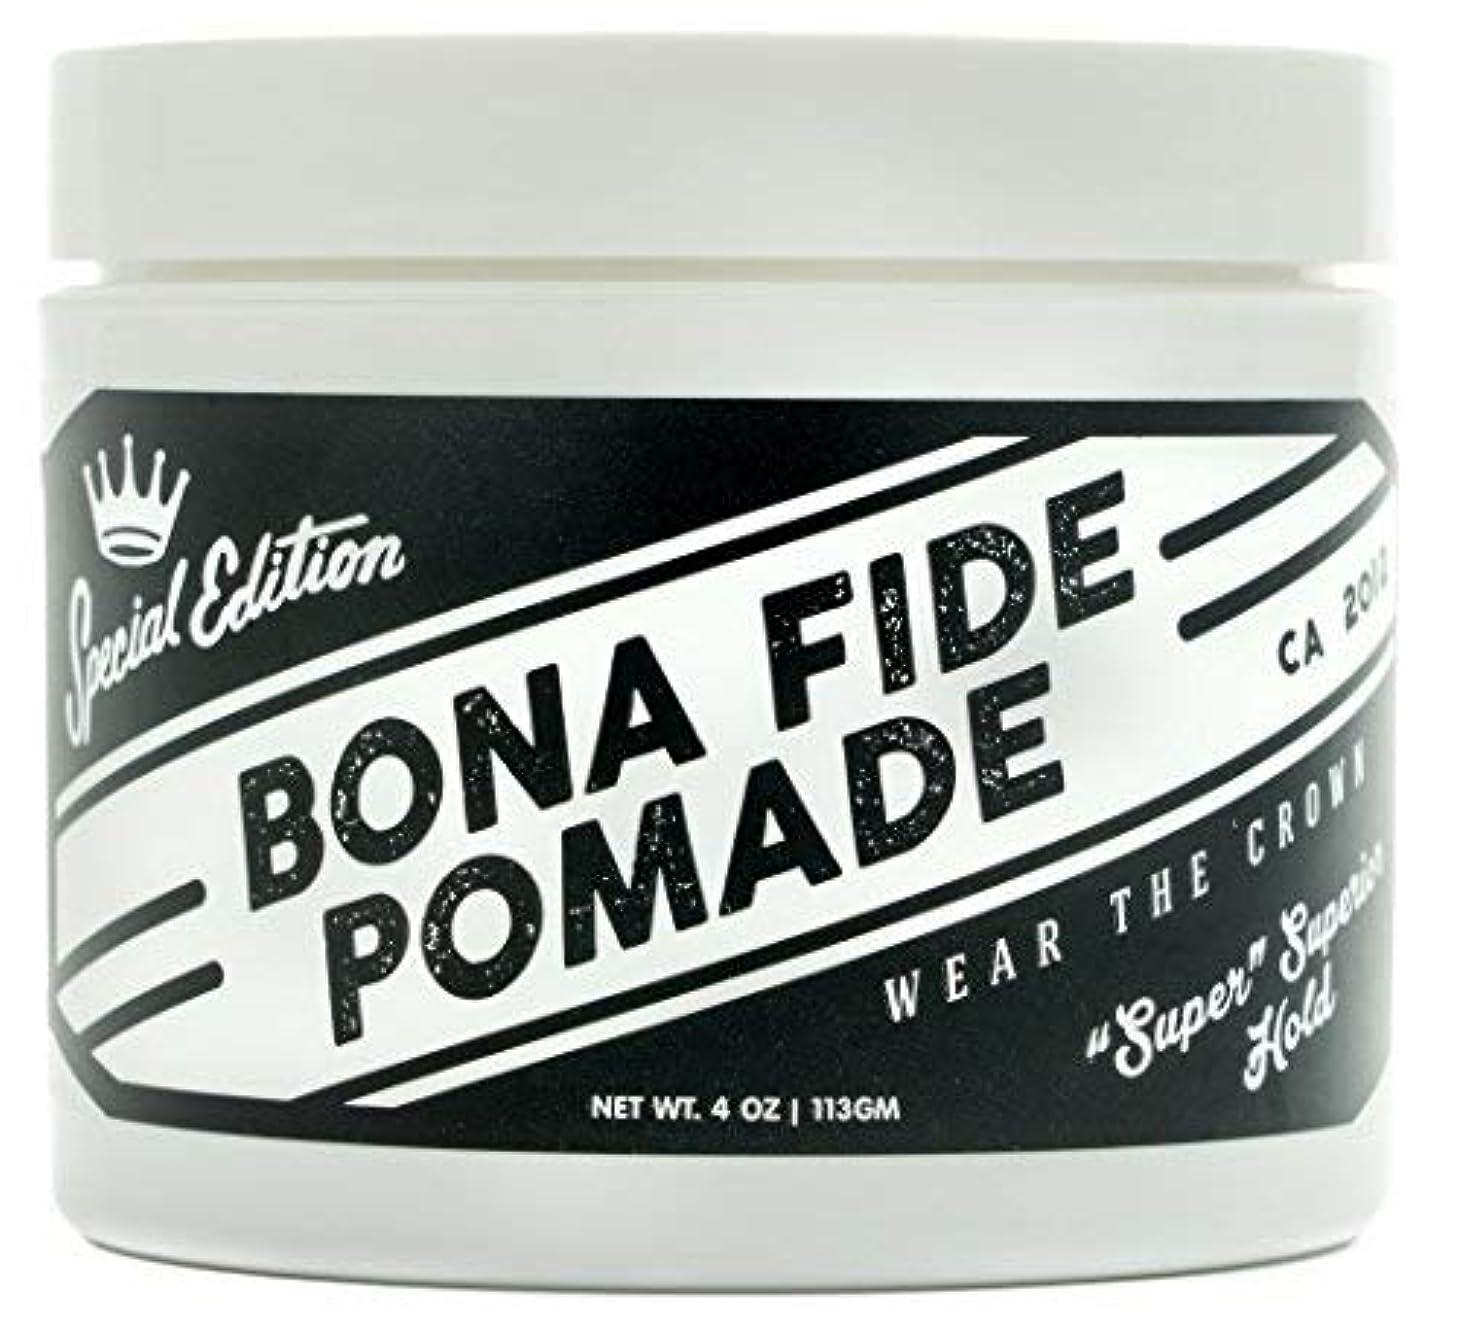 ハンバーガーローズ確認してくださいBona Fide Pomade, スーパースーペリアホールドSE, 4OZ (113g)、水性ポマード/ヘアー グリース (整髪料)